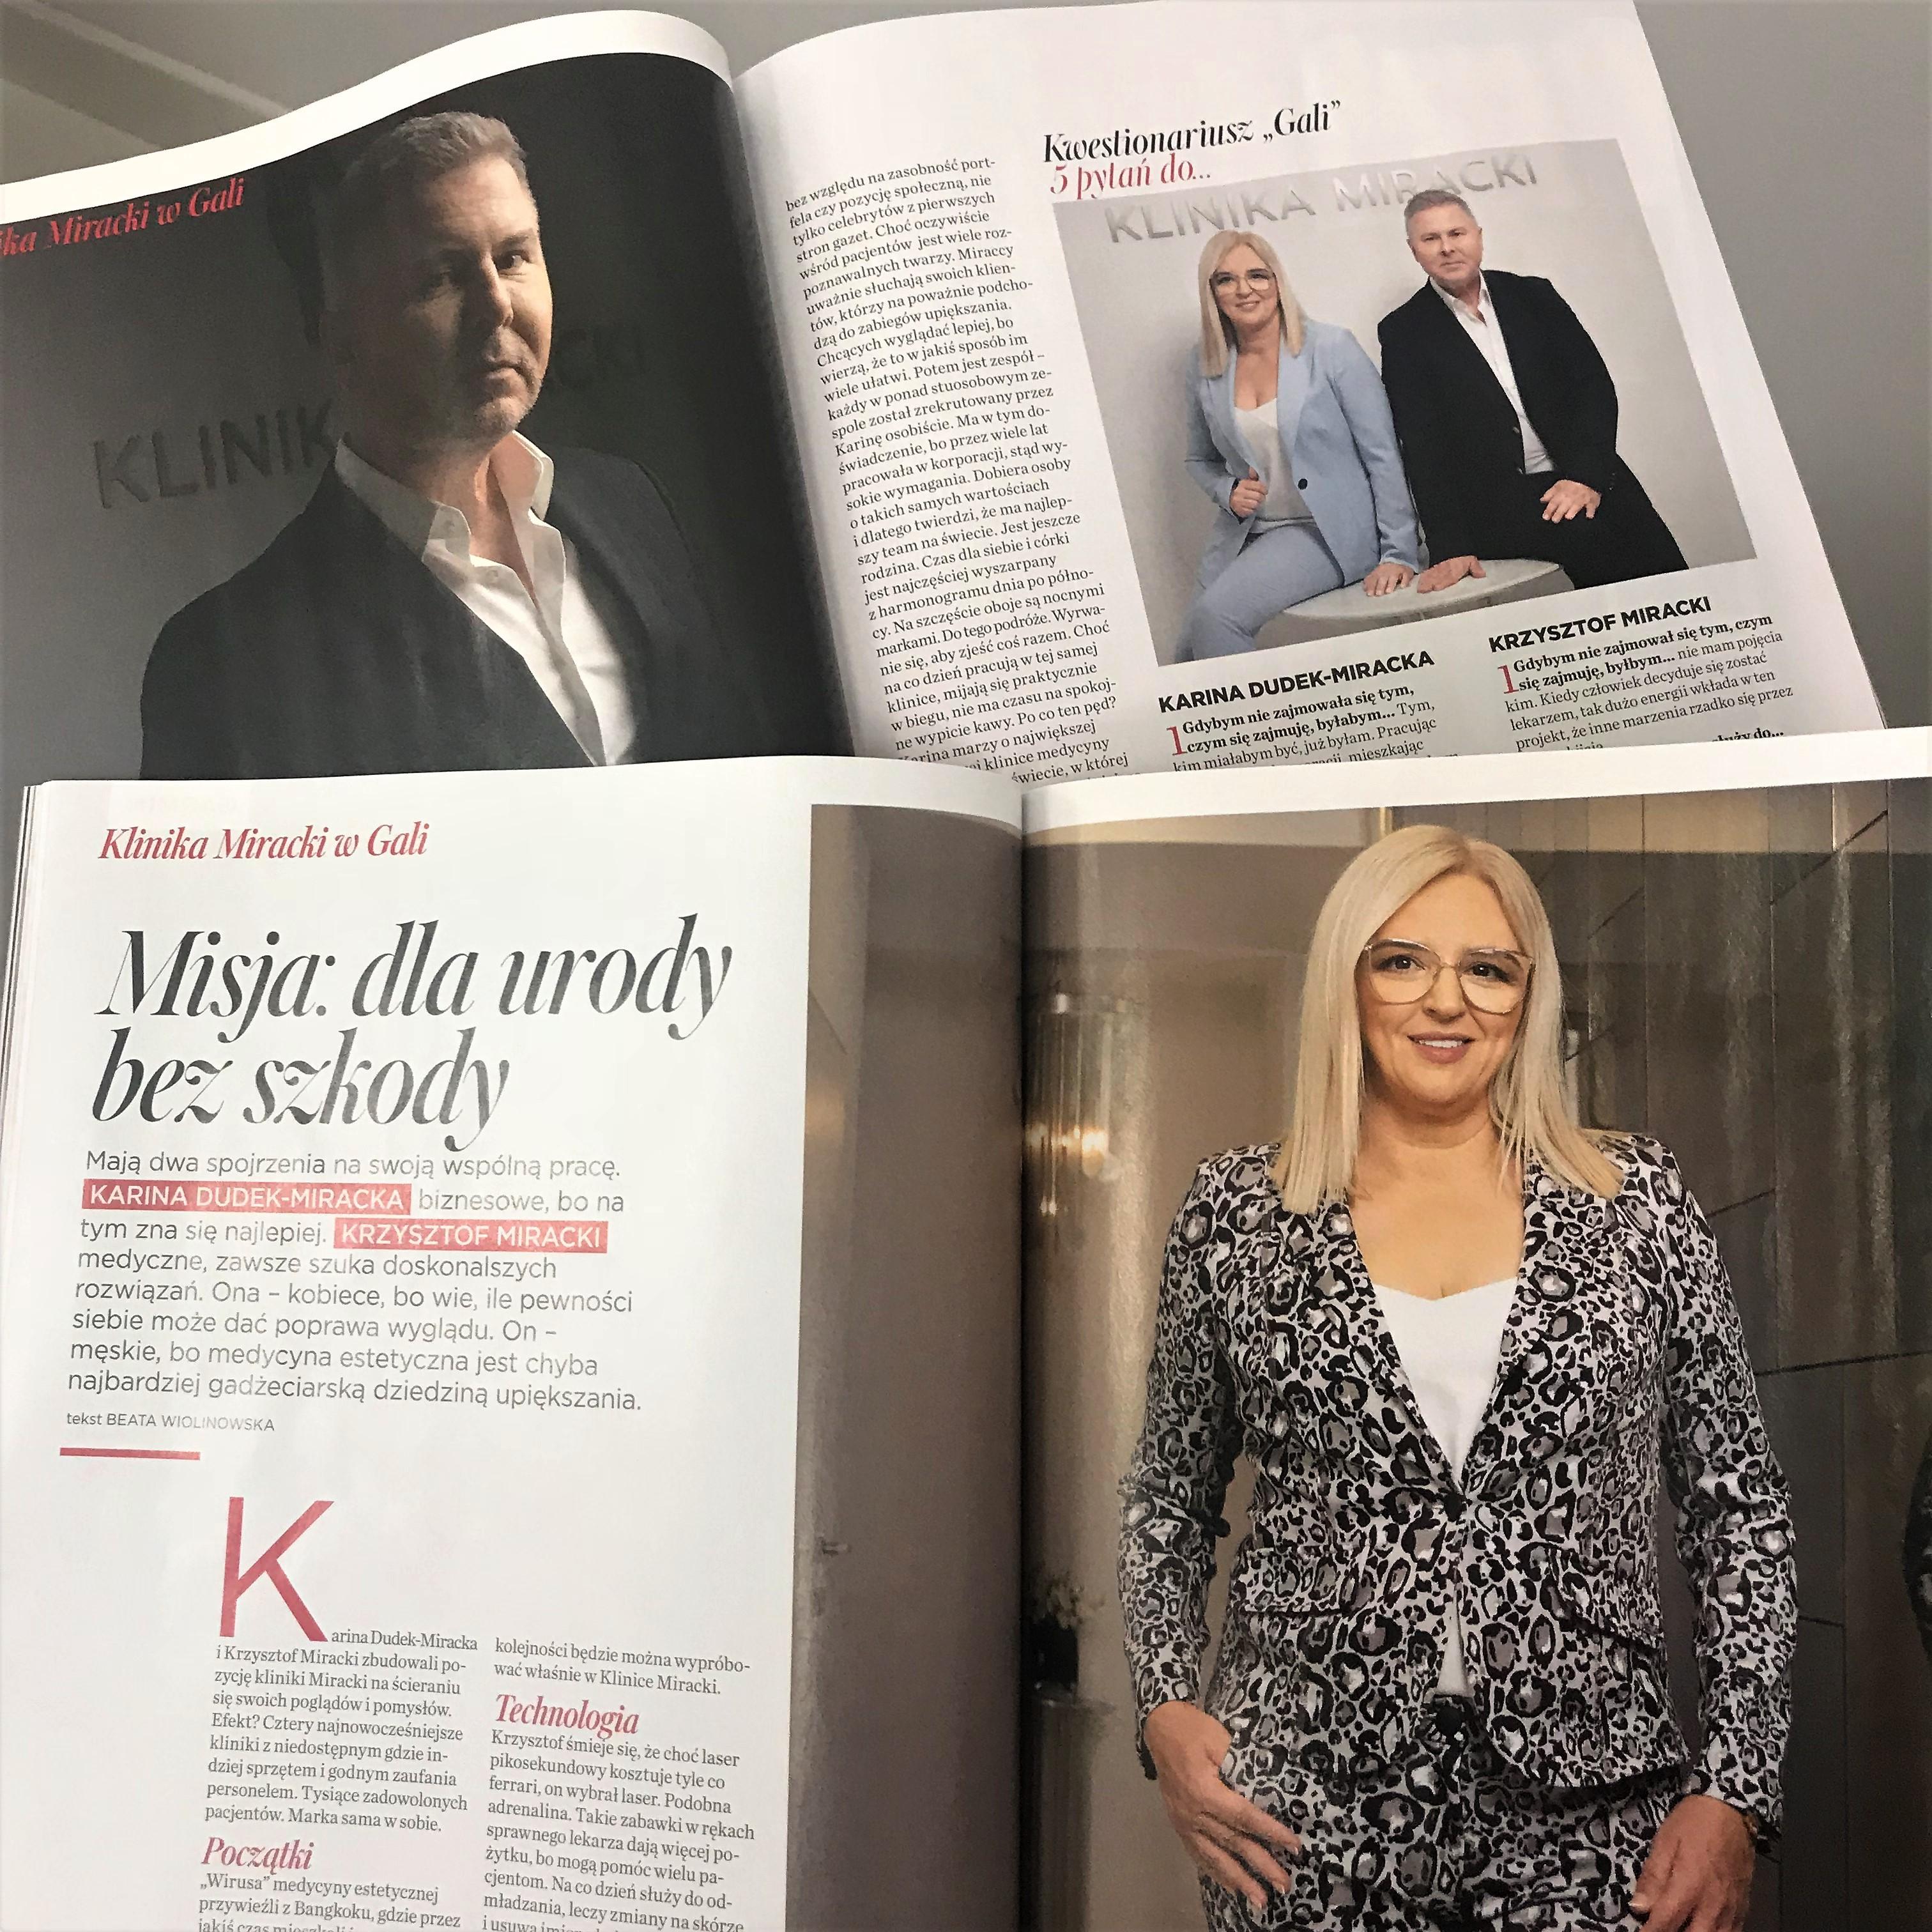 """""""Misja: dla urody bez szkody"""" – Dyrektor Generalna Karina Dudek-Miracka i dr Krzysztof Miracki dla magazynu Gala"""